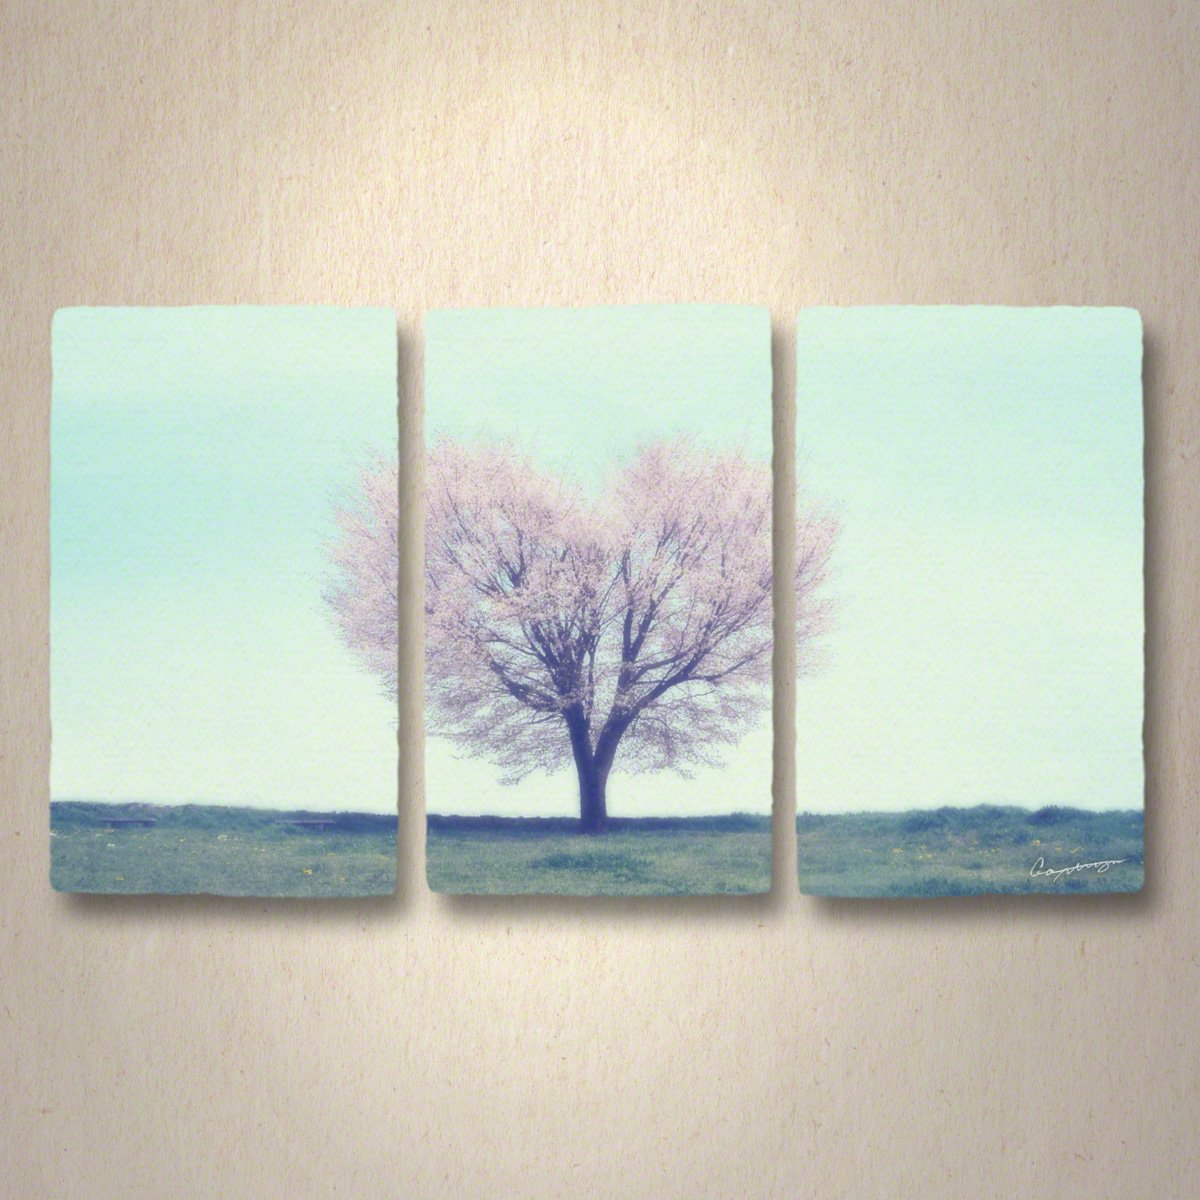 和紙 アートパネル 3枚 続き 「丘の上のハートの桜の木」 (144x81cm) 結婚祝い プレゼント 絵 絵画 壁掛け 壁飾り インテリア アート B076YNVHHQ 36.アートパネル3枚続き(長辺144cm) 250000円|丘の上のハートの桜の木 丘の上のハートの桜の木 36.アートパネル3枚続き(長辺144cm) 250000円